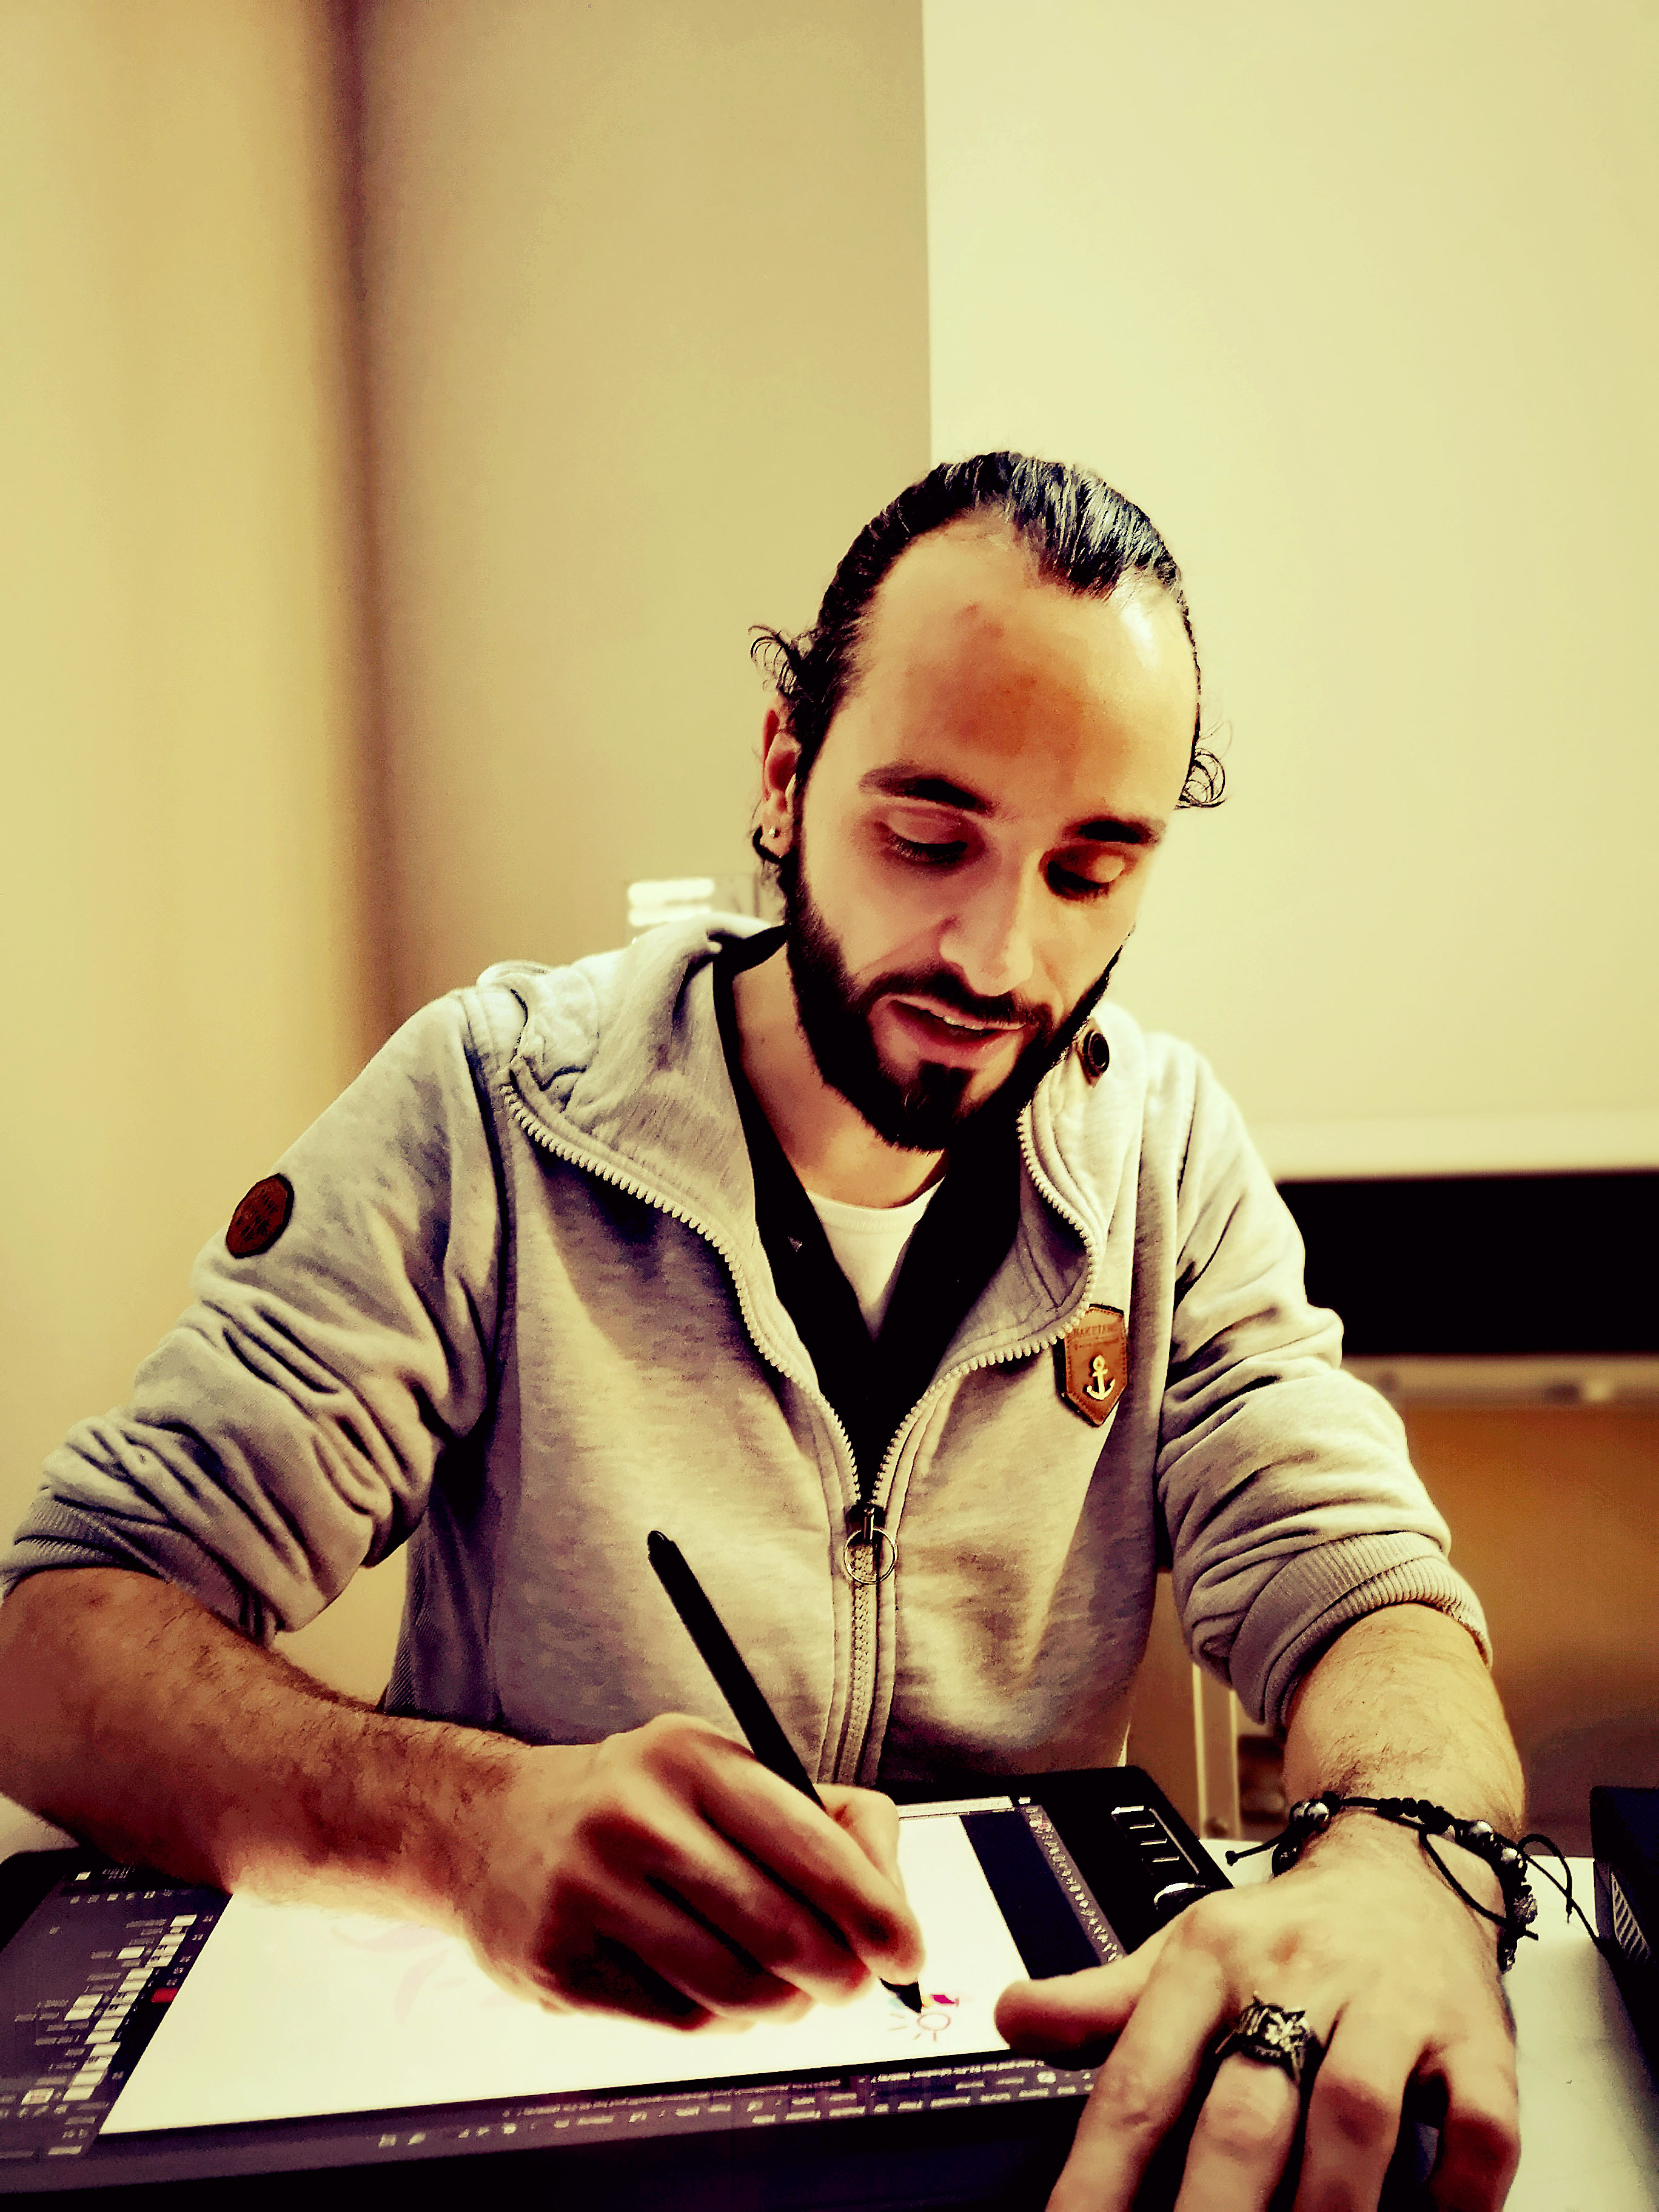 Foto: Michael B. Rehders - Mace demonstrierte live auf dem Wacom-Tablet, wie eine aufwändige Zeichnung blitzschnell und professionell entsteht.